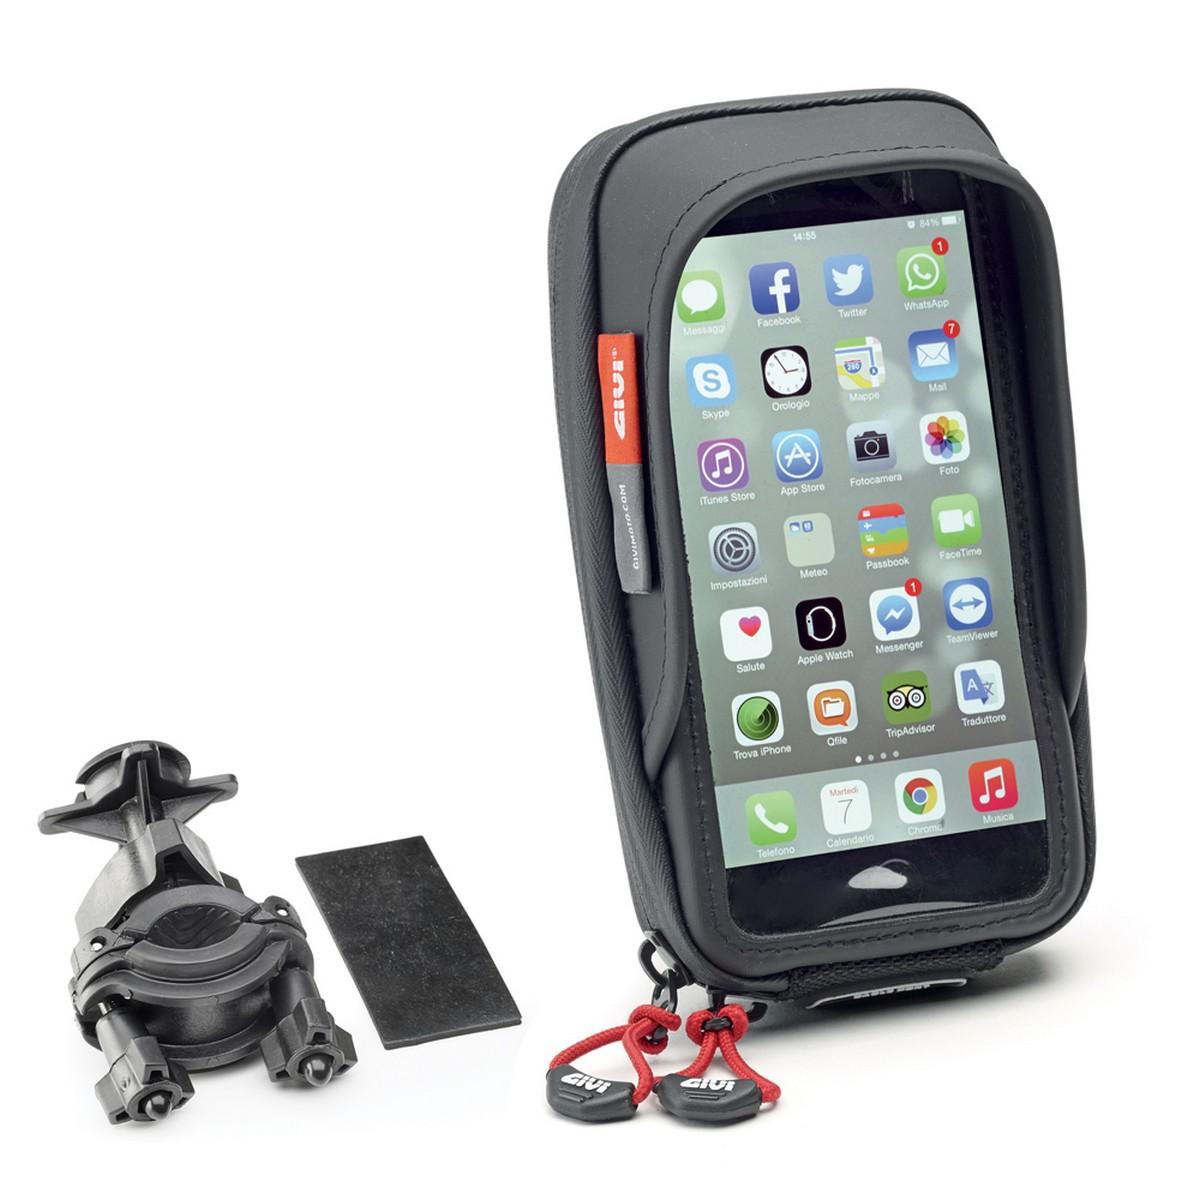 Givi S957B Motorcycle Smartphone Mount